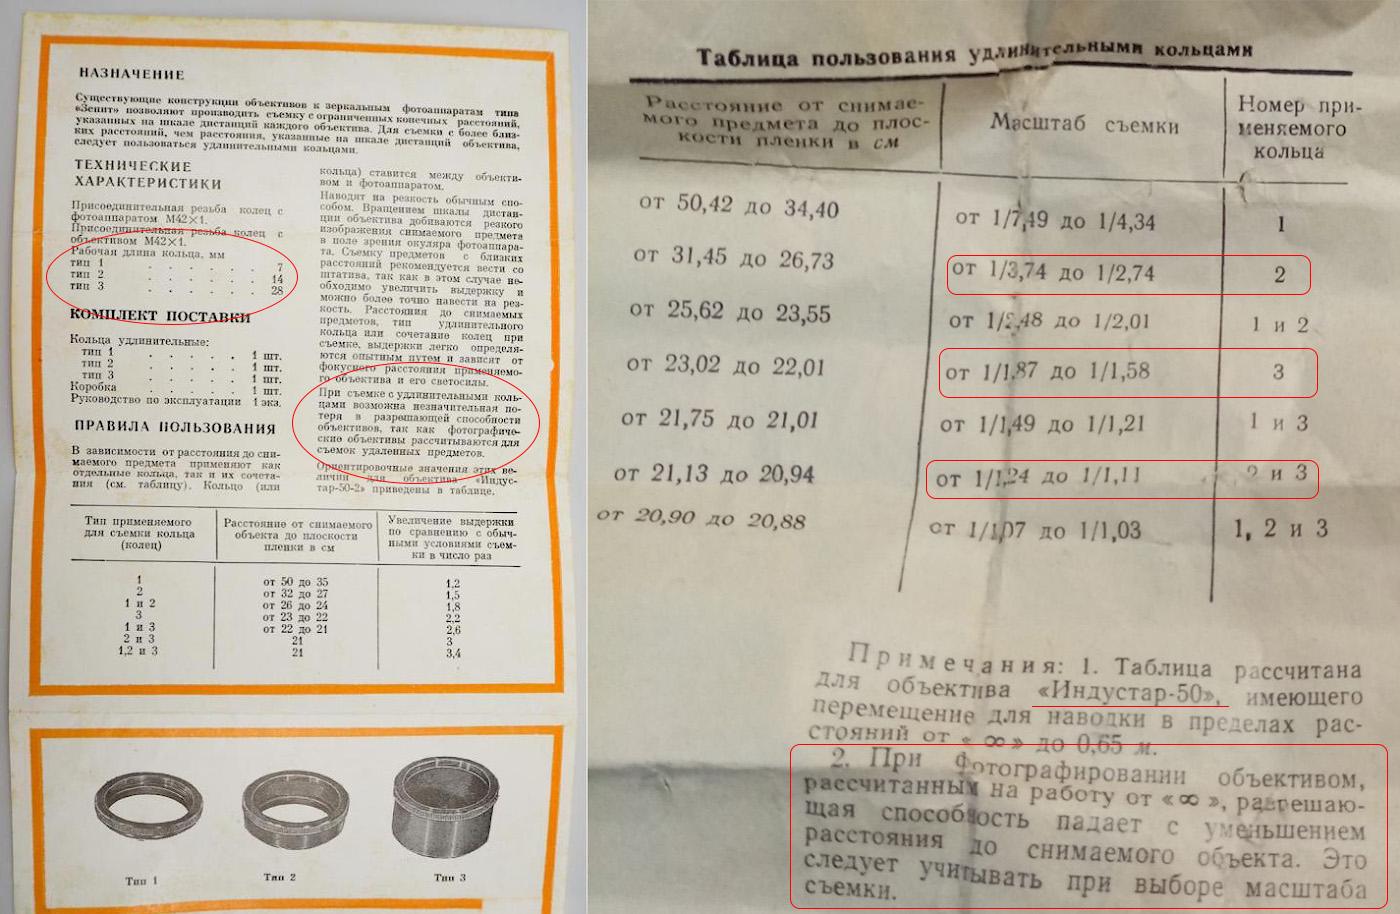 Фото 19. Инструкция на удлинительные кольца с описанием номеров и достигаемых масштабов, упоминанием о падении качества изображения при увеличении масштаба съемки на объектив с бесконечностью.